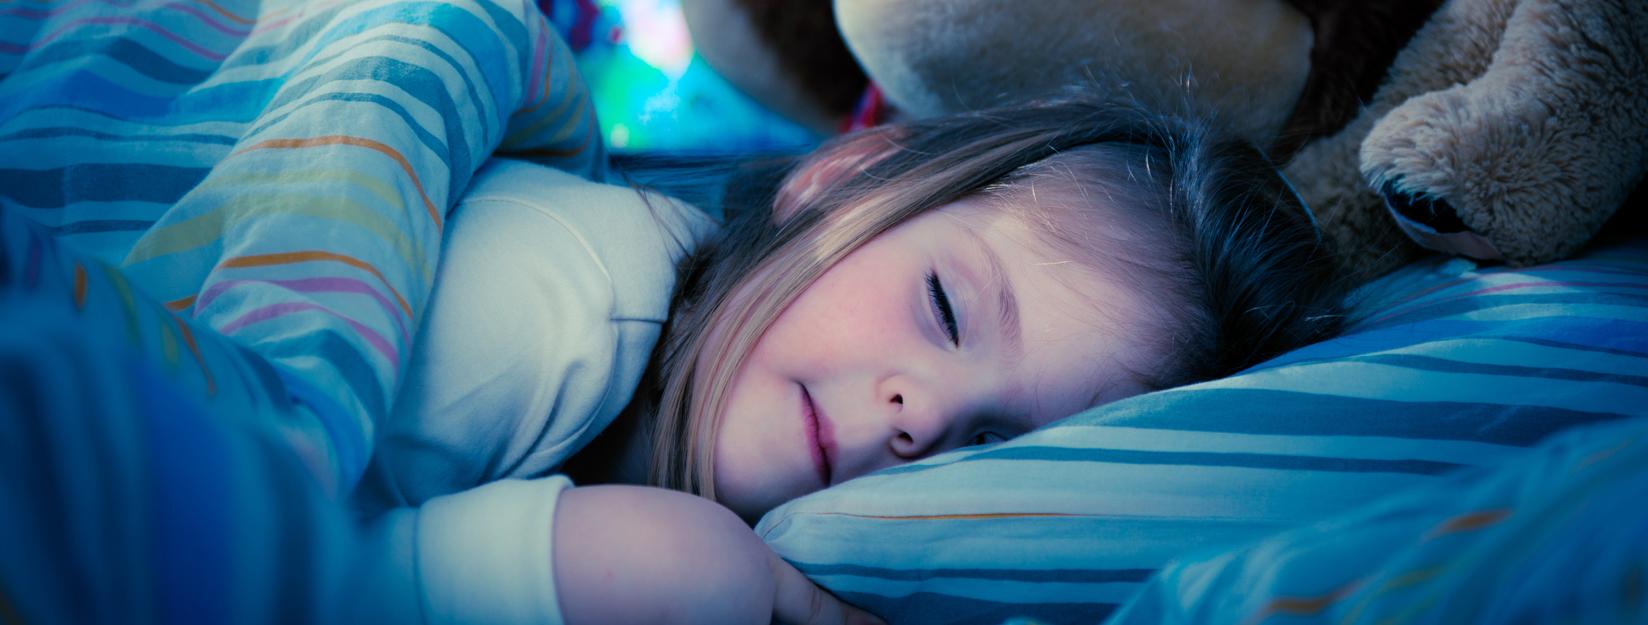 Melatonina: la hormona que induce el sueño - Julio | Clínica Alemana ...